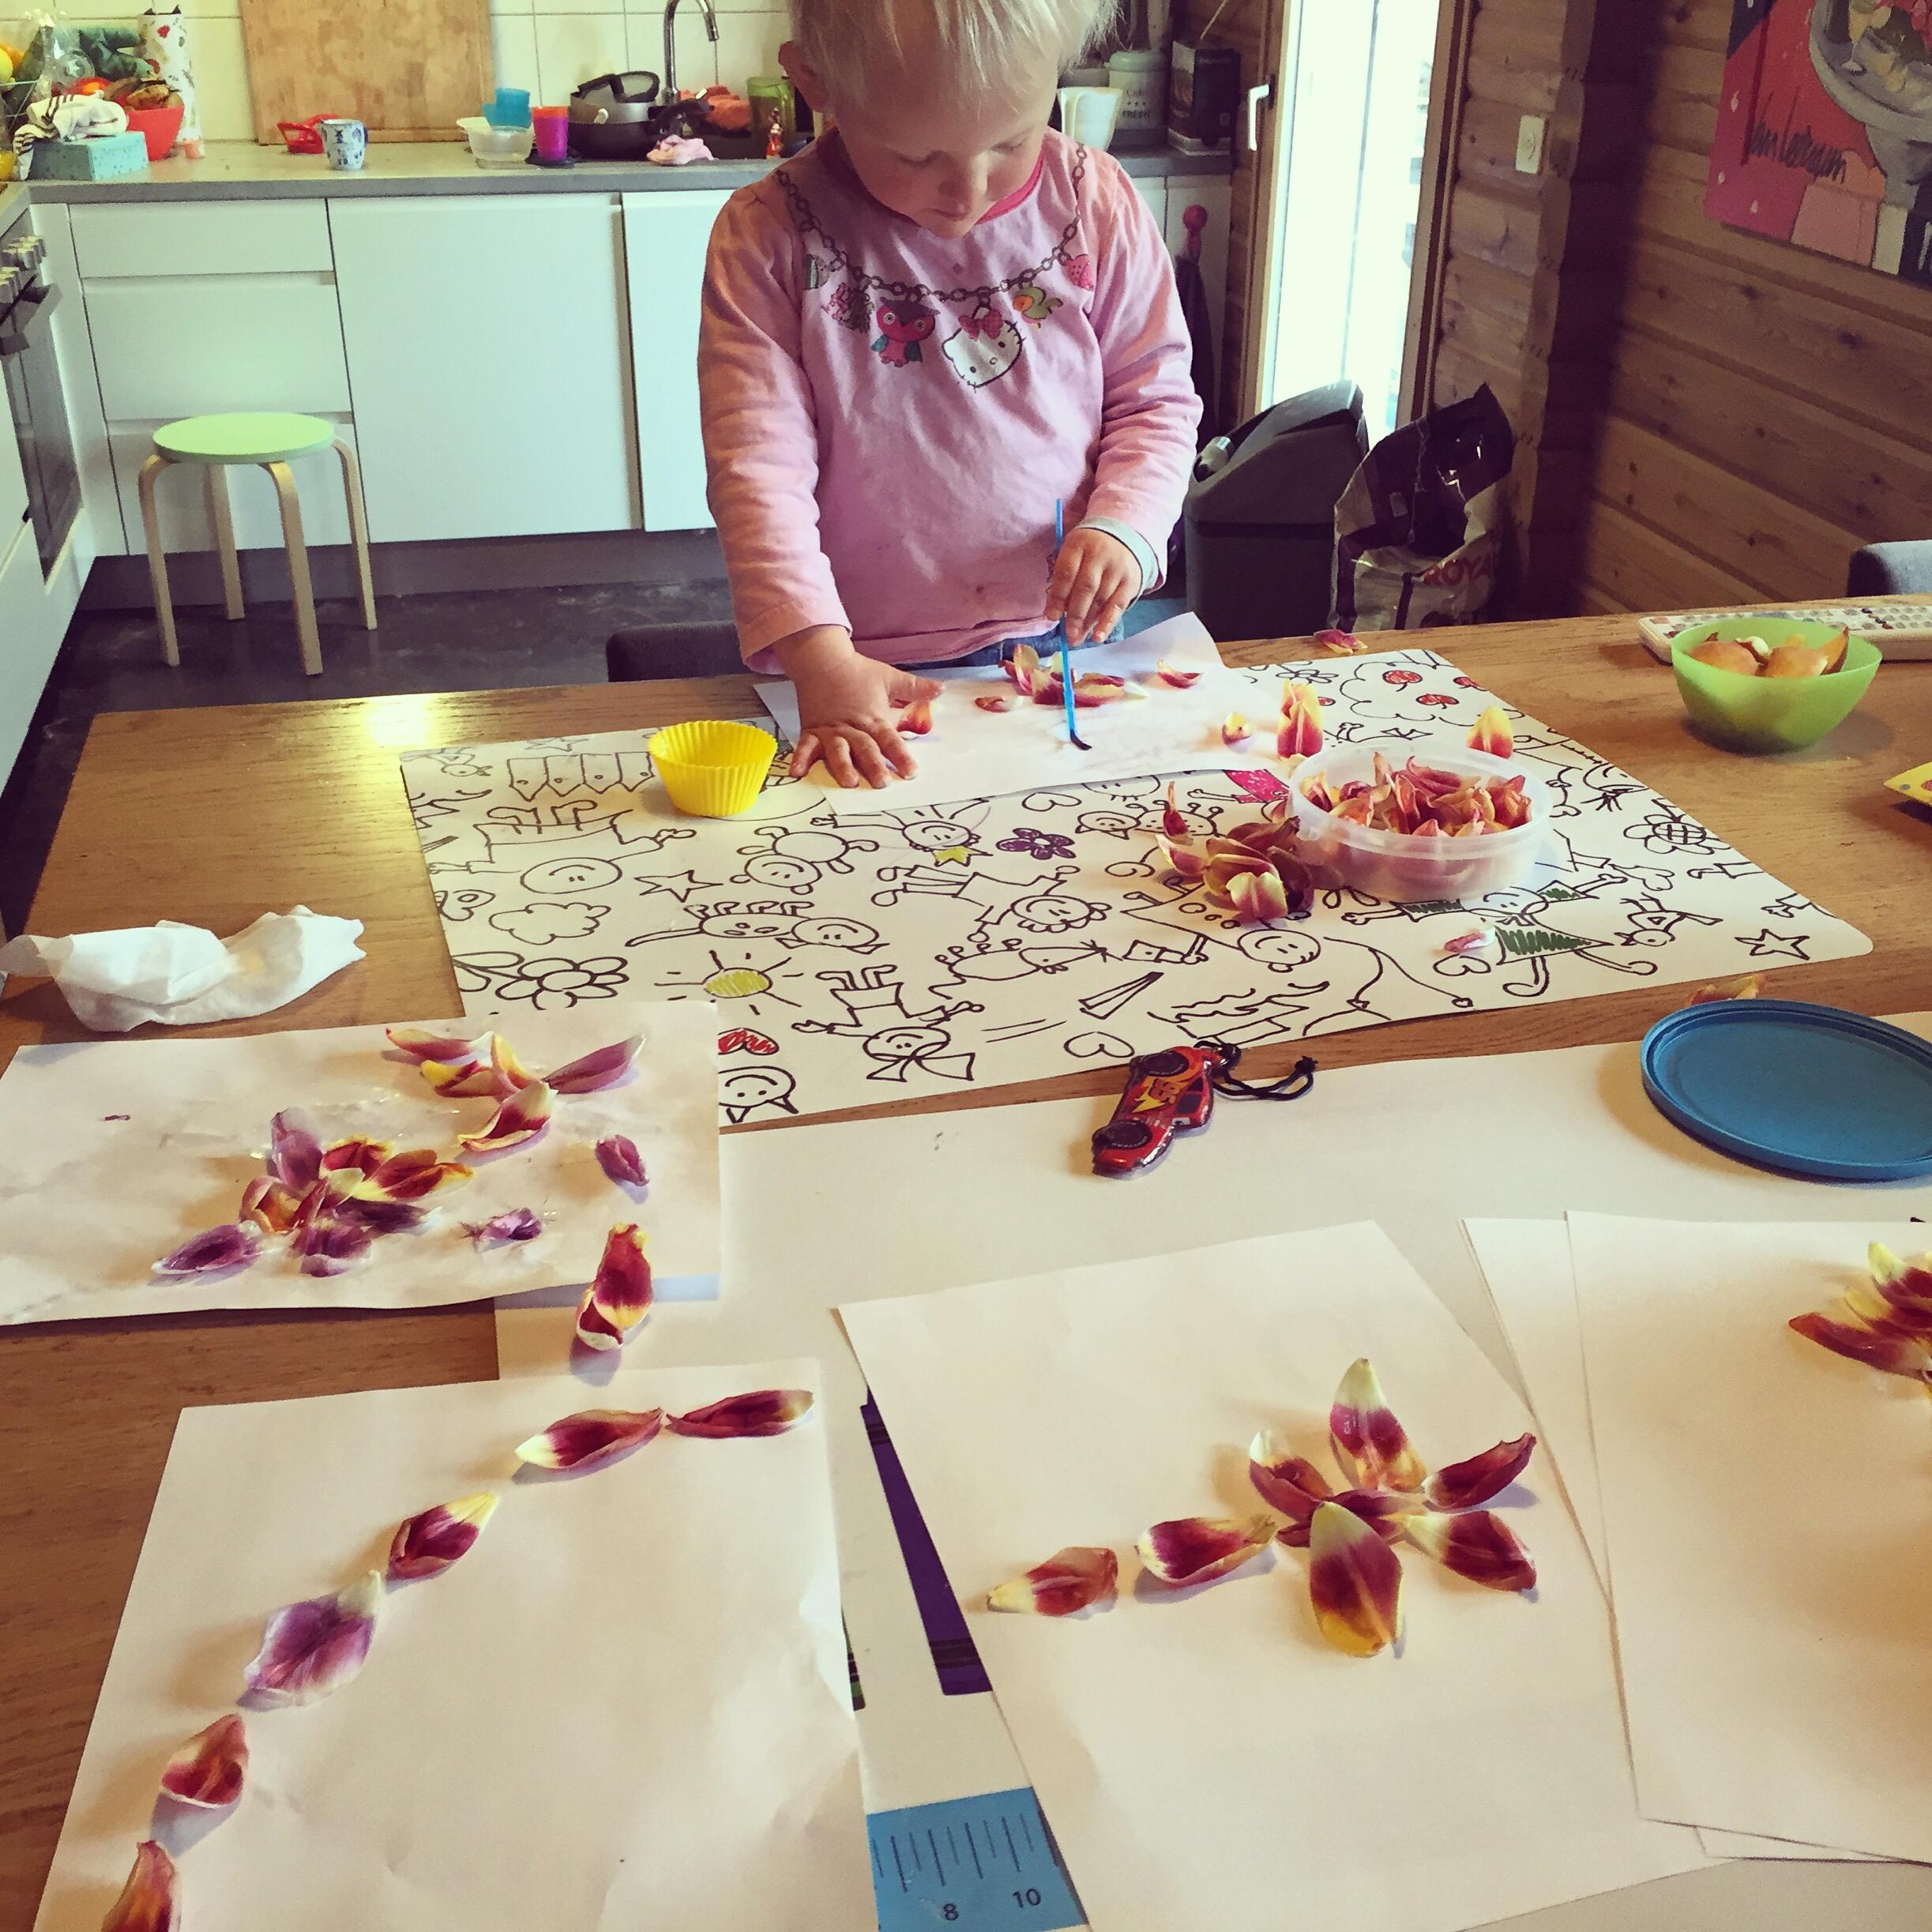 De meiden knutselen met de tulpenblaadjes.